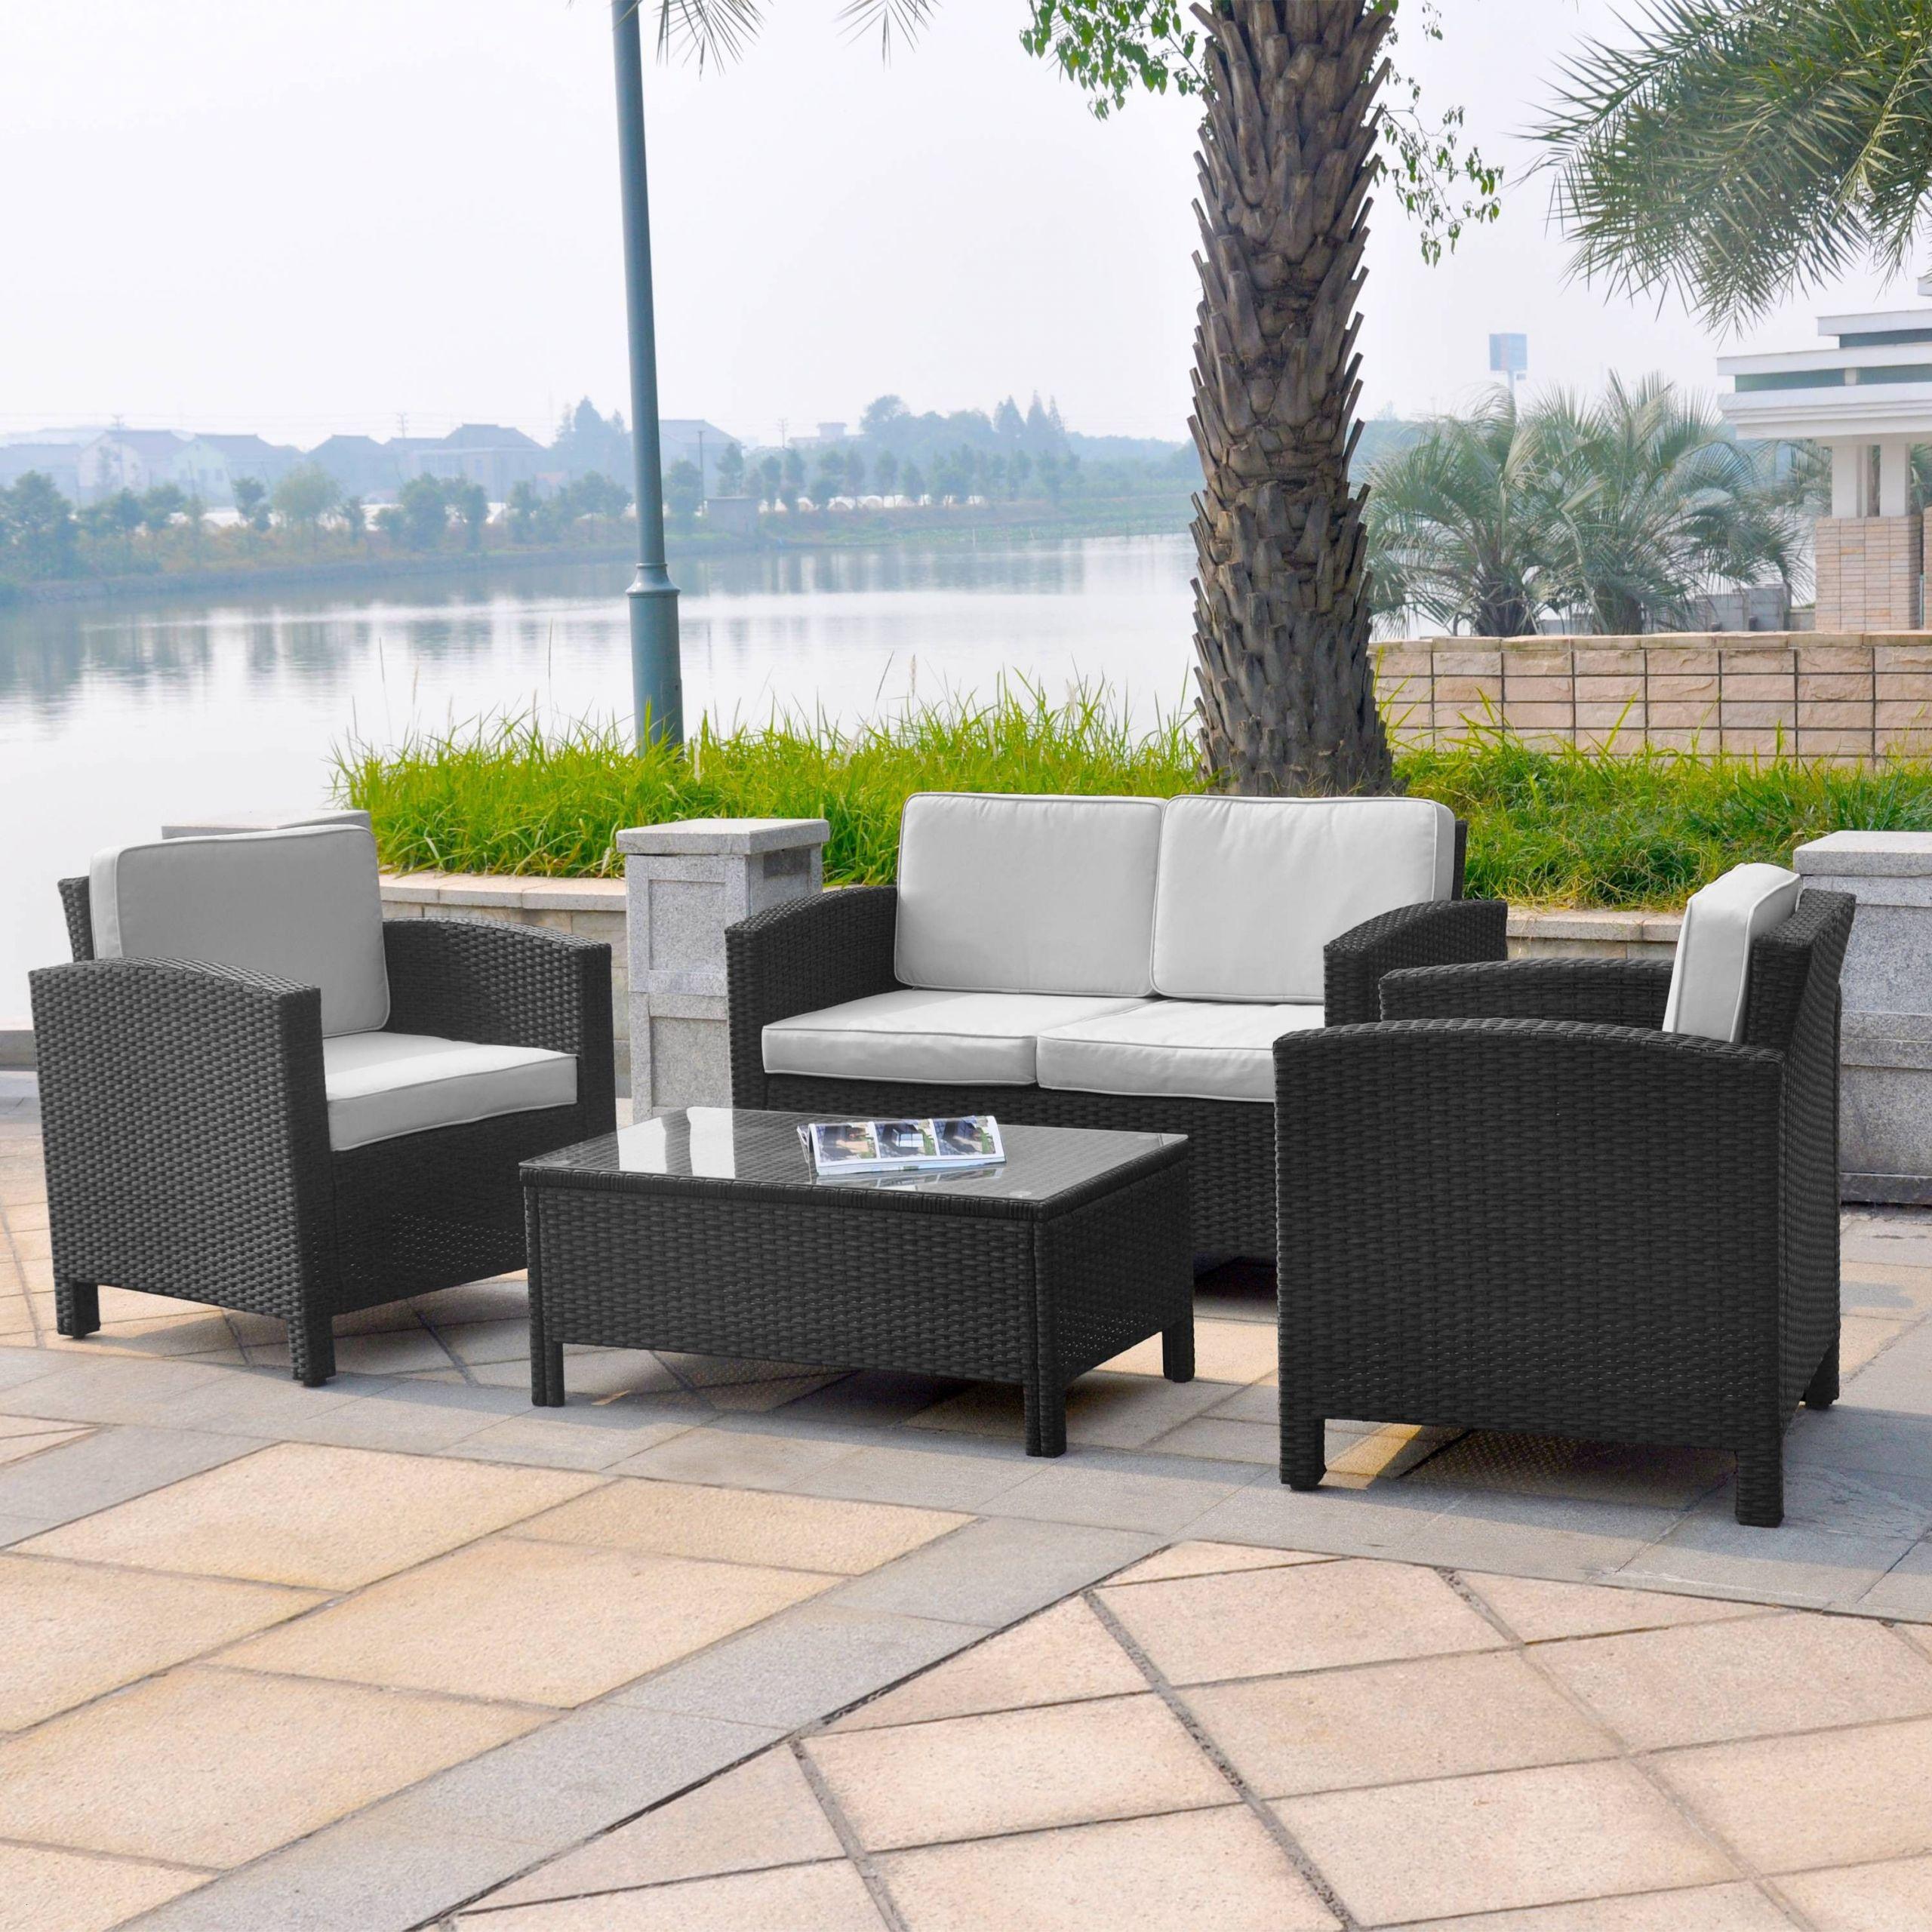 stuehle und tische fuer gastronomie terrasse tisch fuer balkon luxus gross fantastisch sofa balkon couch f c3 bcr schoen